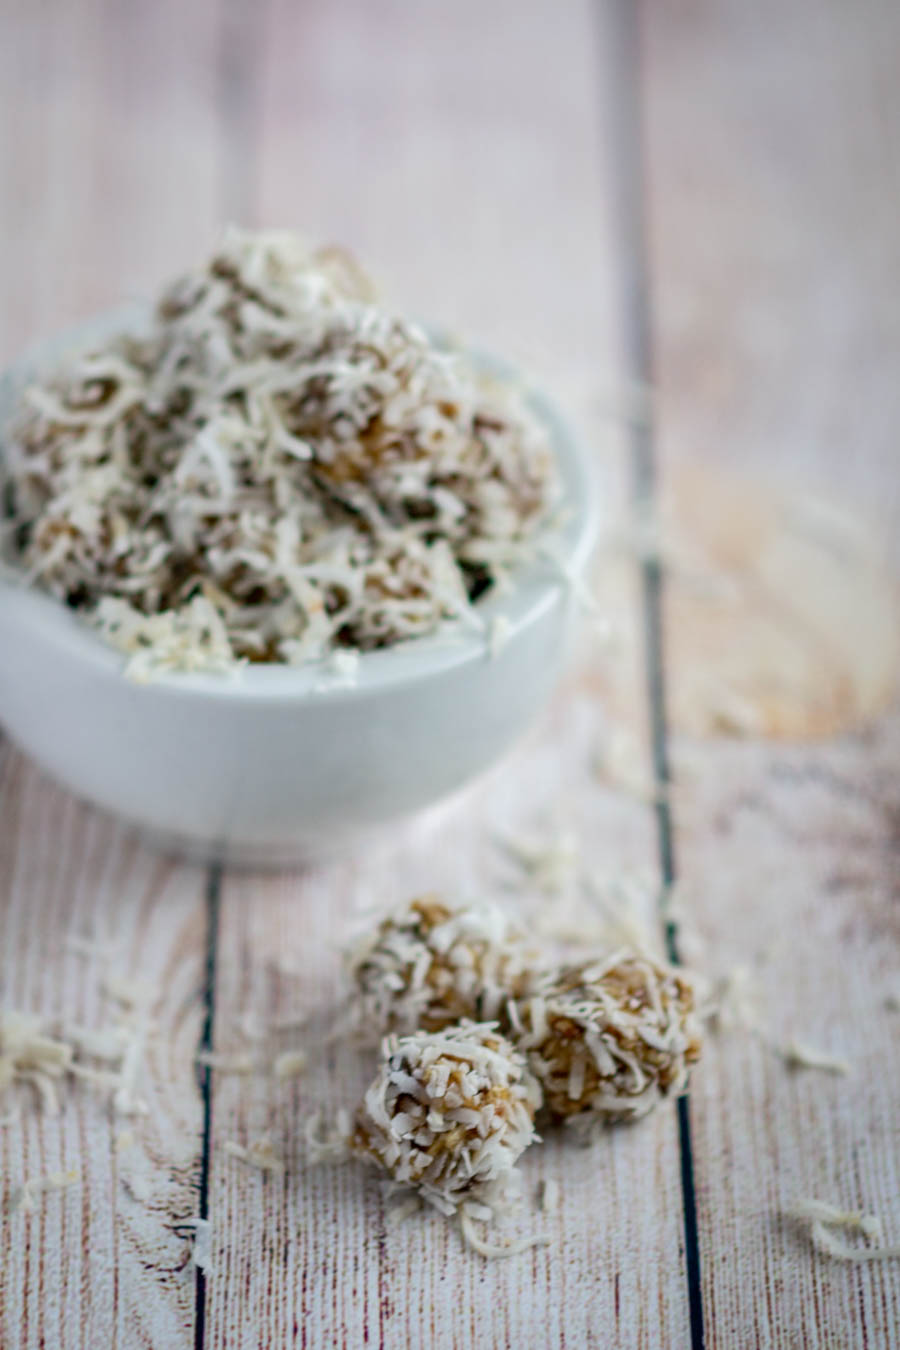 crunchy gluten free date balls in white bowl